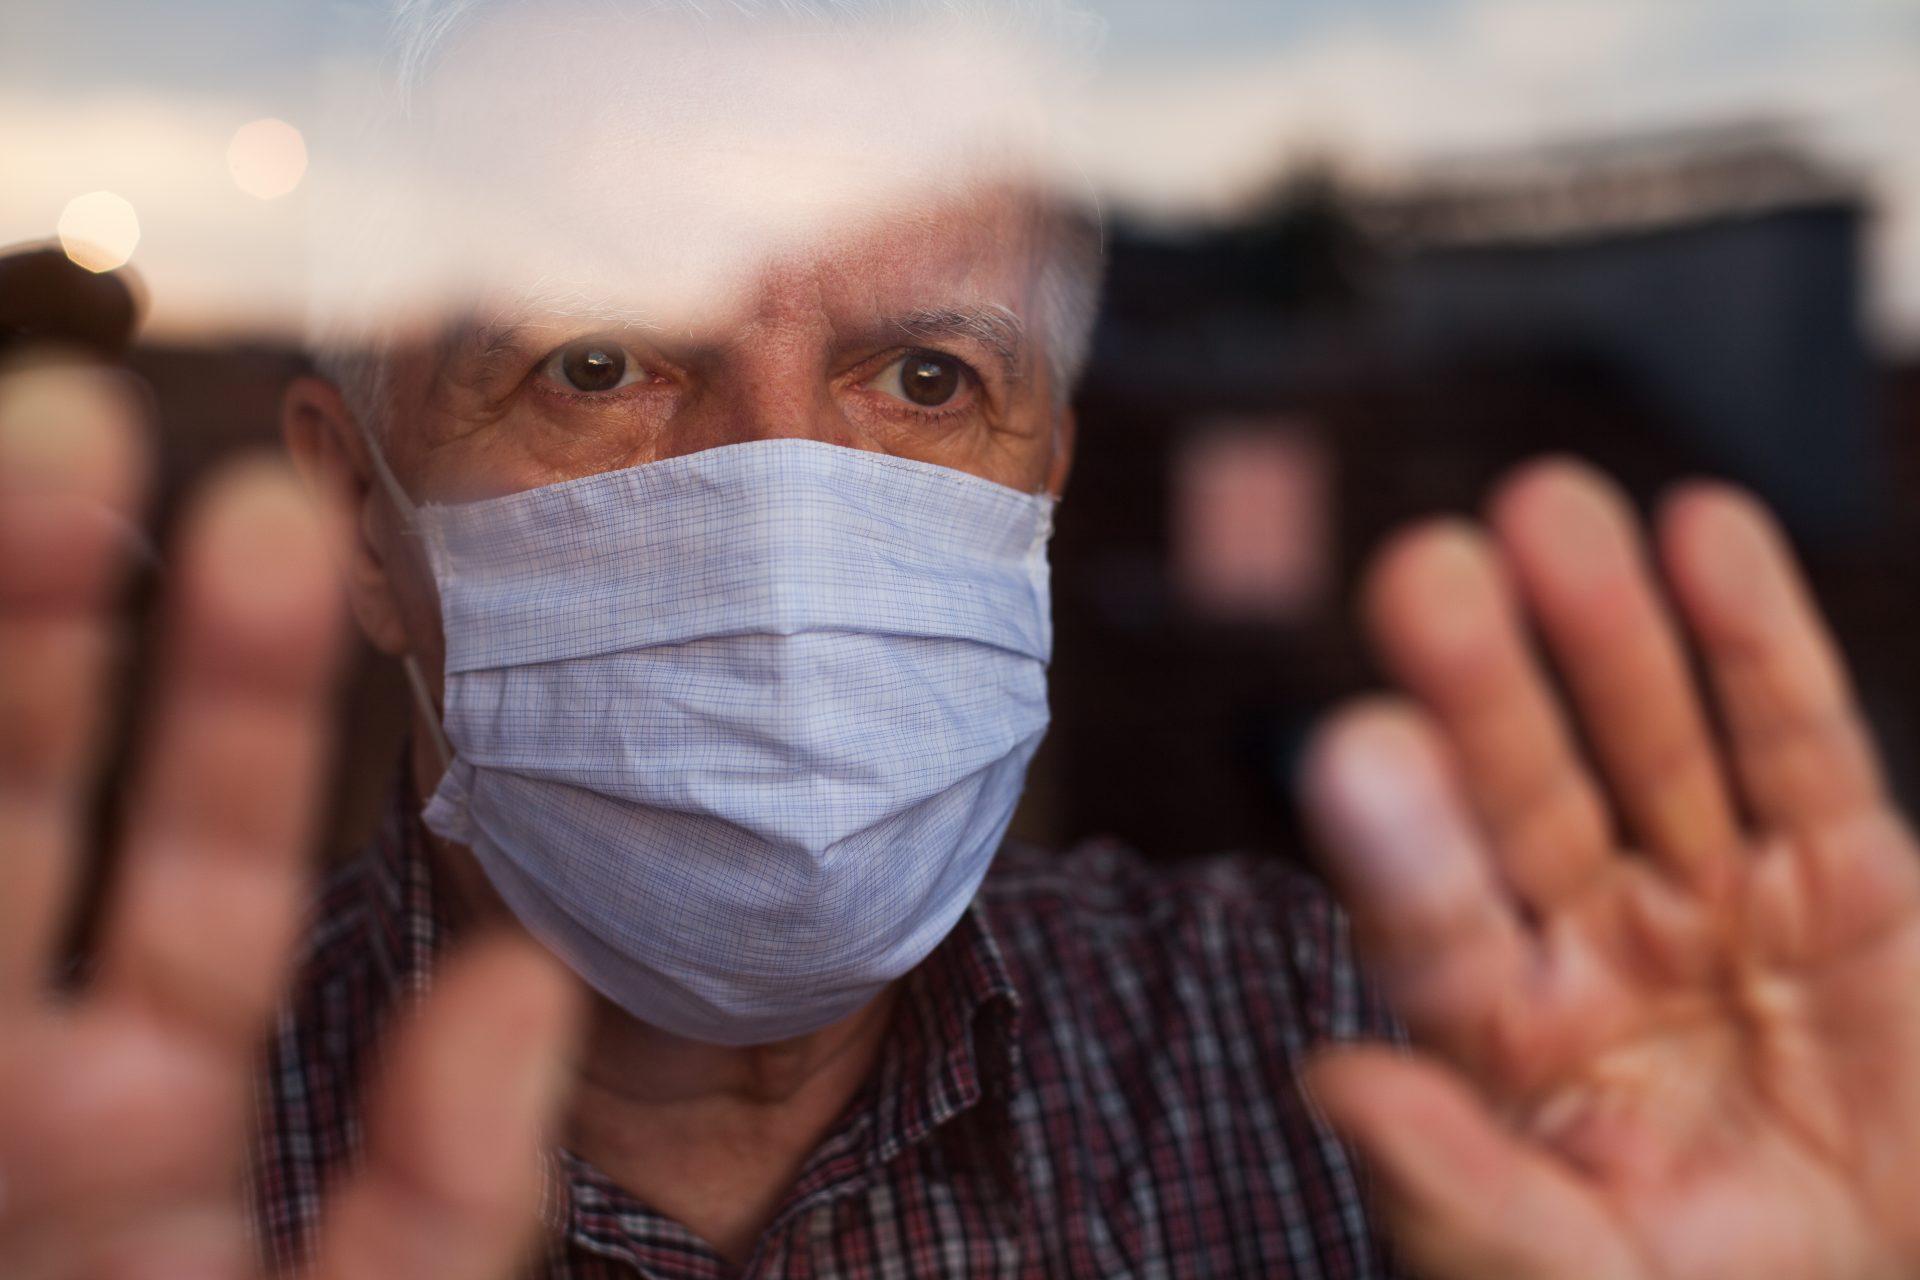 Saúde mental dos idosos: impacto da pandemia covid-19